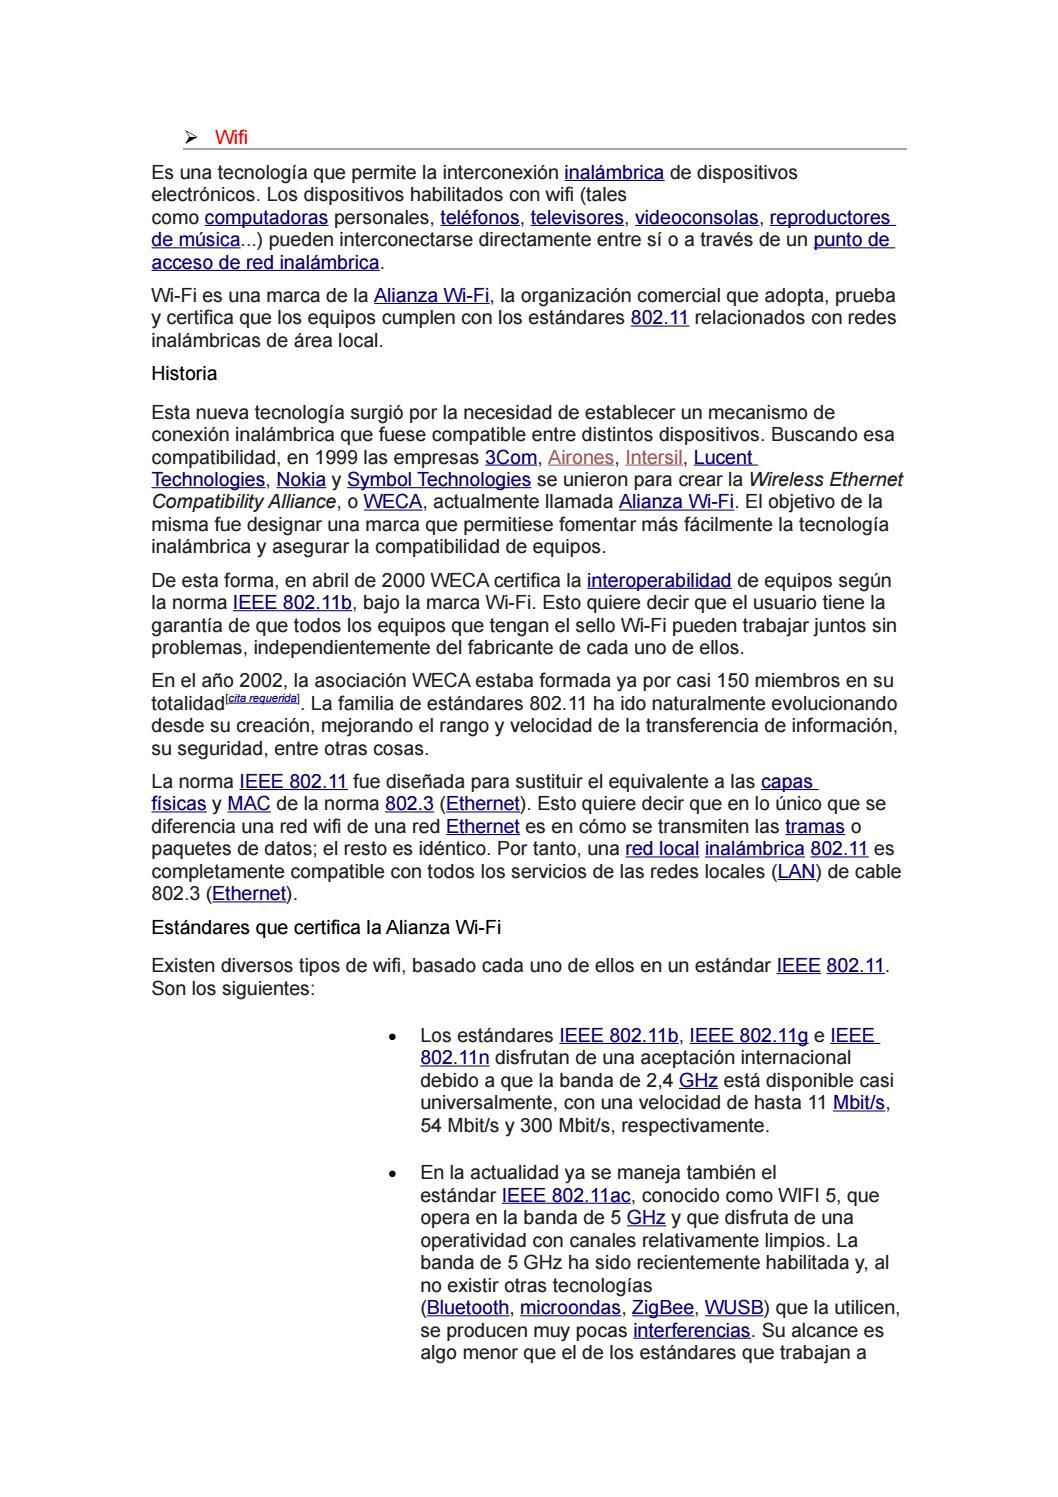 Wi fi y wi max trabajo de investigacion[1] by Georgel Espinoza - issuu